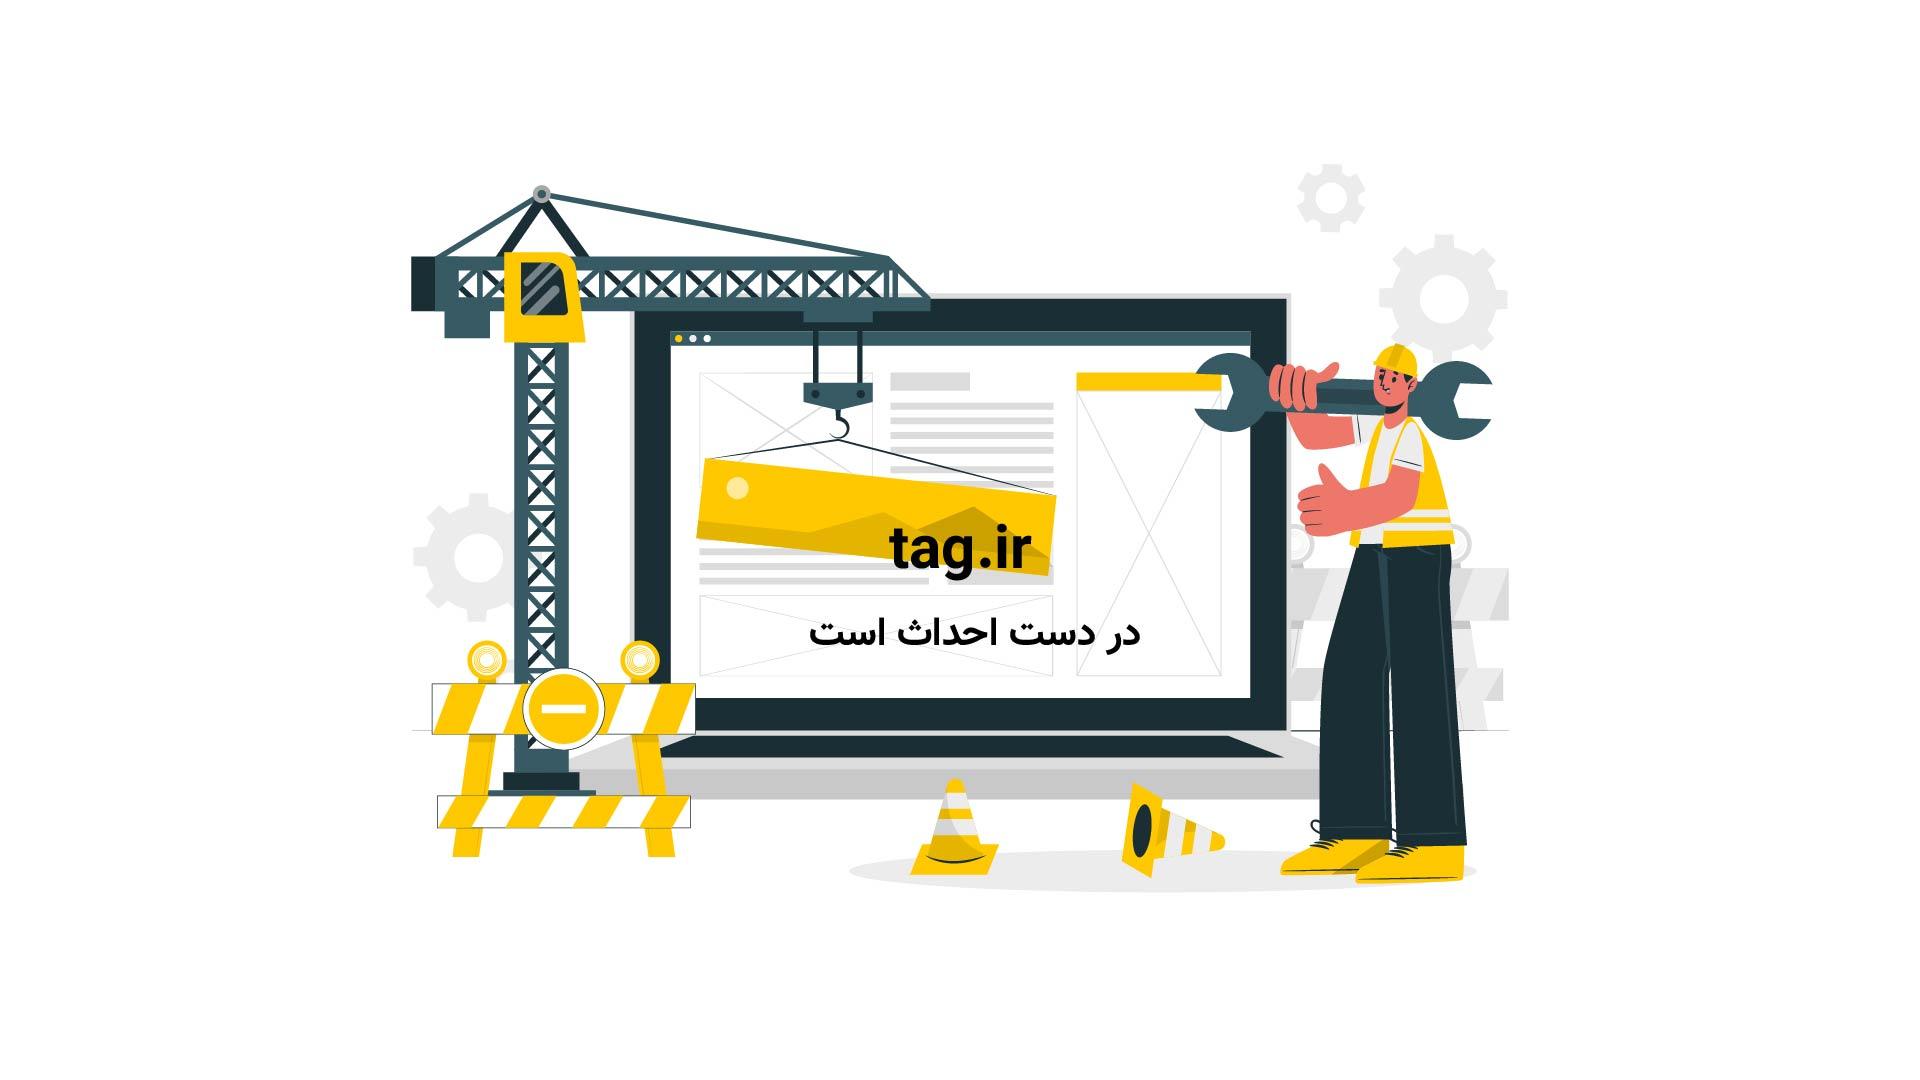 عناوین روزنامههای صبح دوشنبه 17 آبان | فیلم